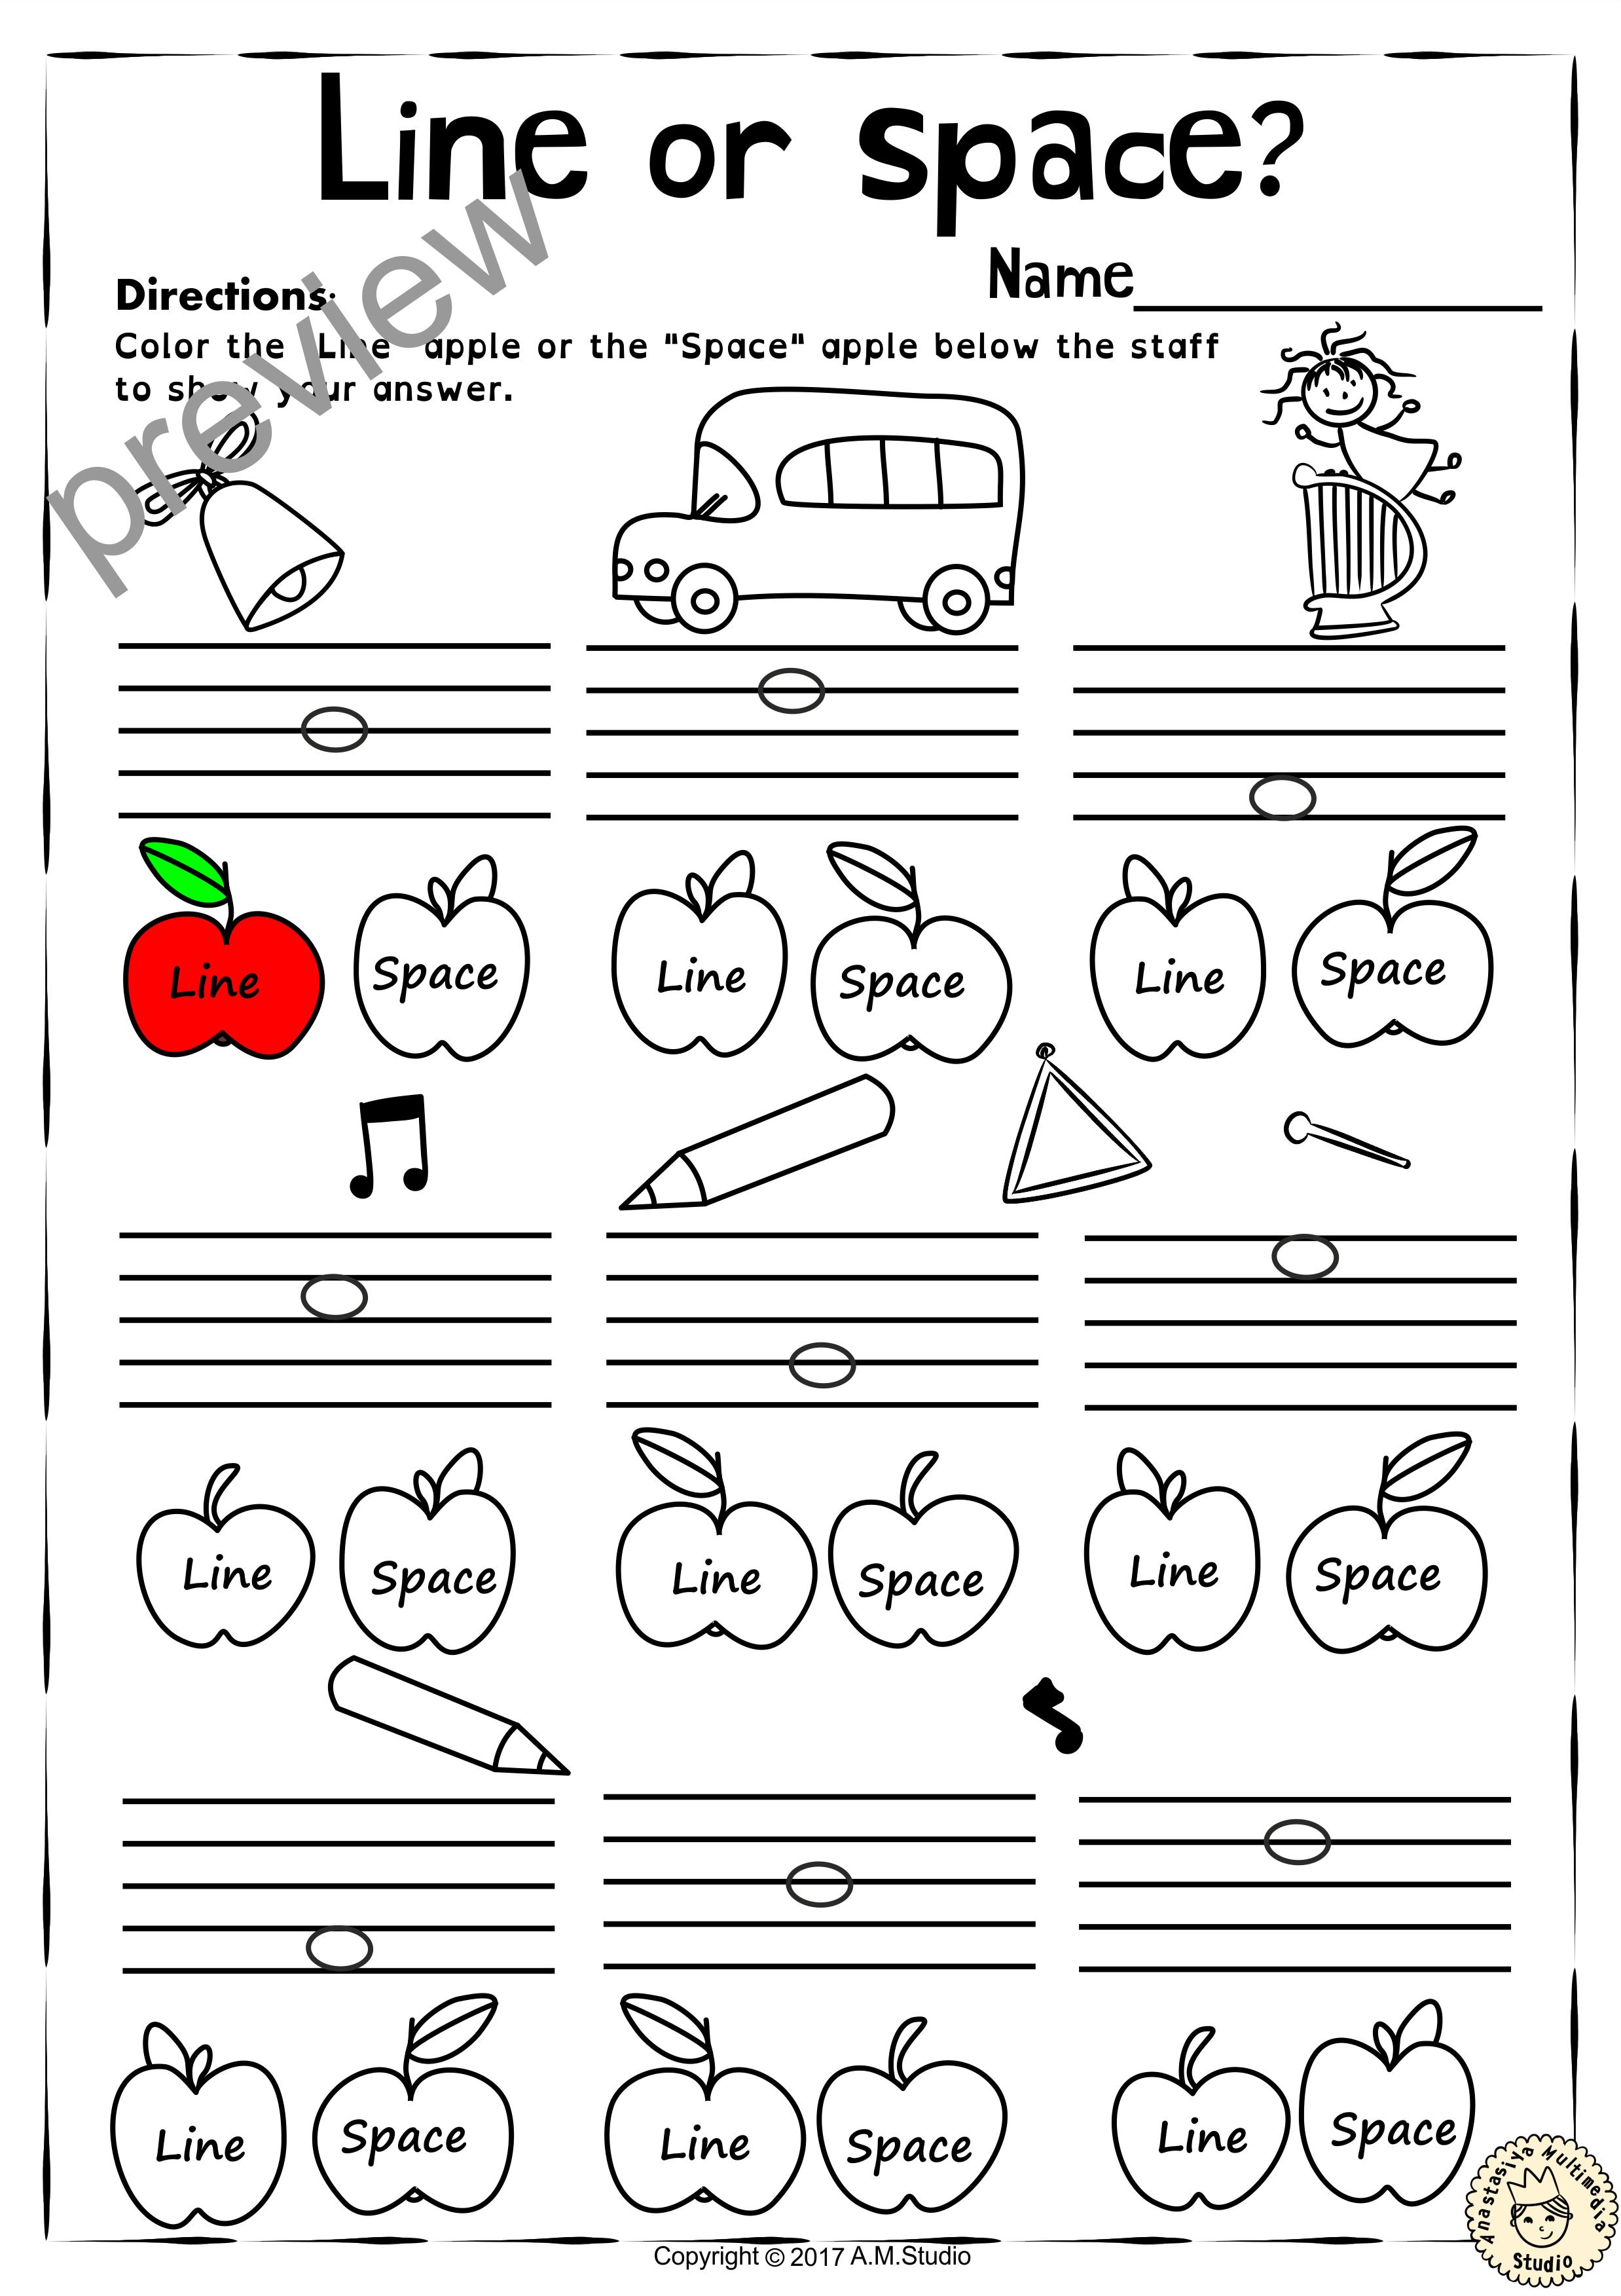 Back To School Music Worksheets Pack Line Space High Low Anastasiya Multimedia Studio Music Worksheets Music Theory Worksheets Music Lessons For Kids [ 3506 x 2476 Pixel ]